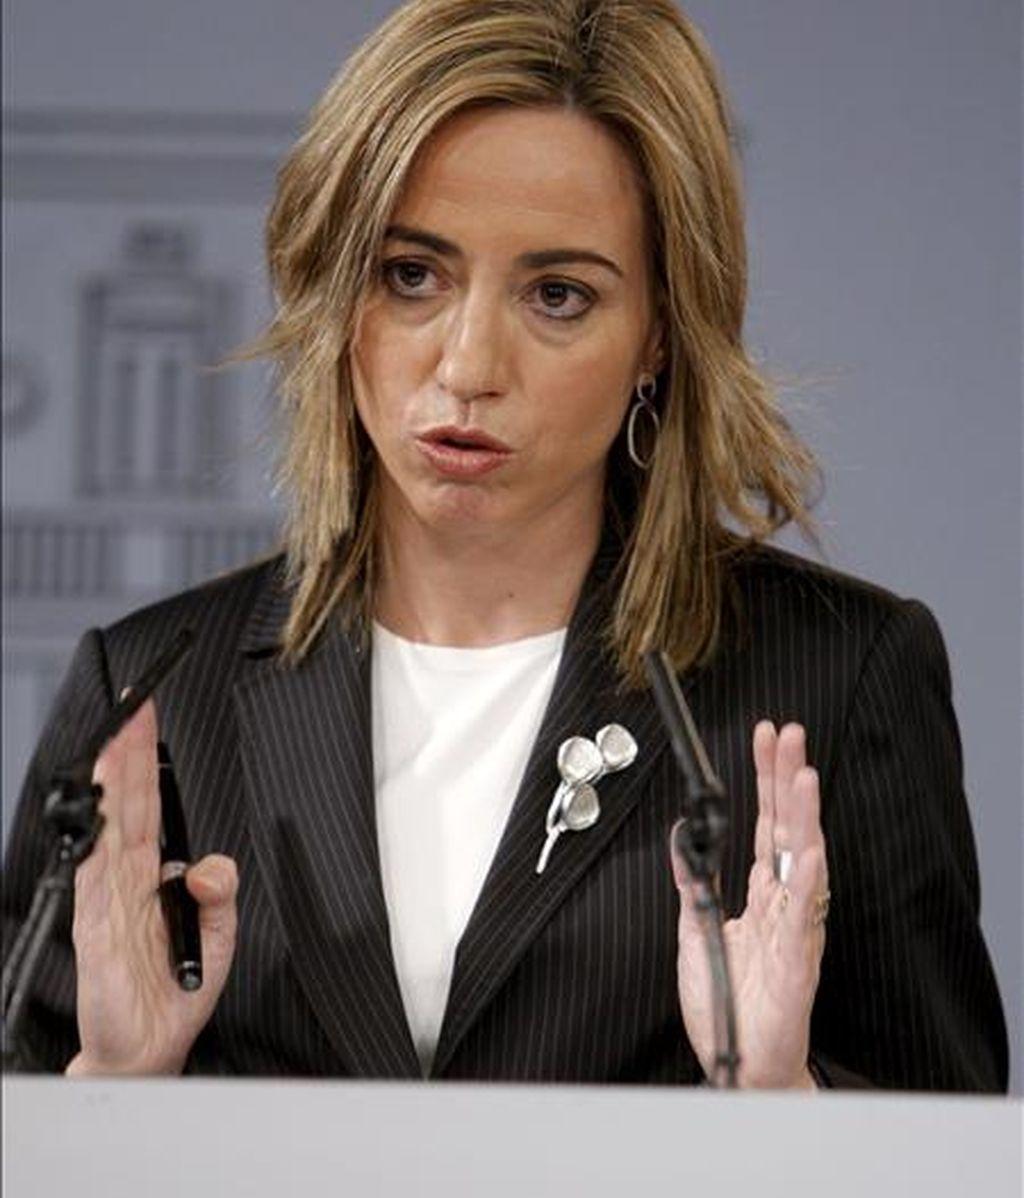 La ministra de Defensa, Carmen Chacón. EFE/Archivo